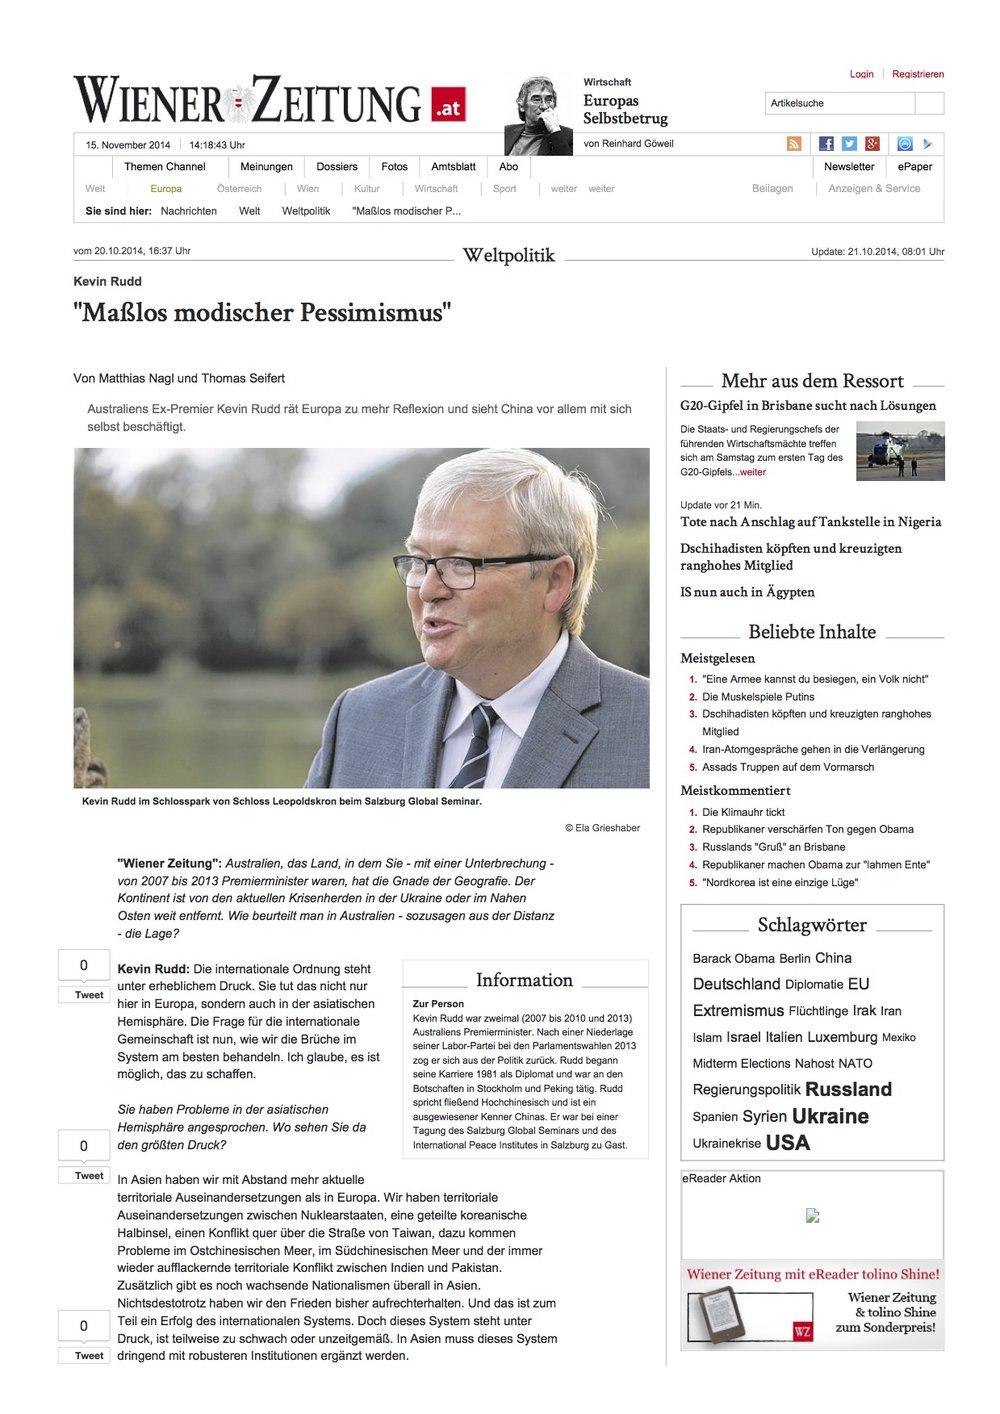 _Maßlos modischer Pessimismus_ - Wiener Zeitung Online.jpg